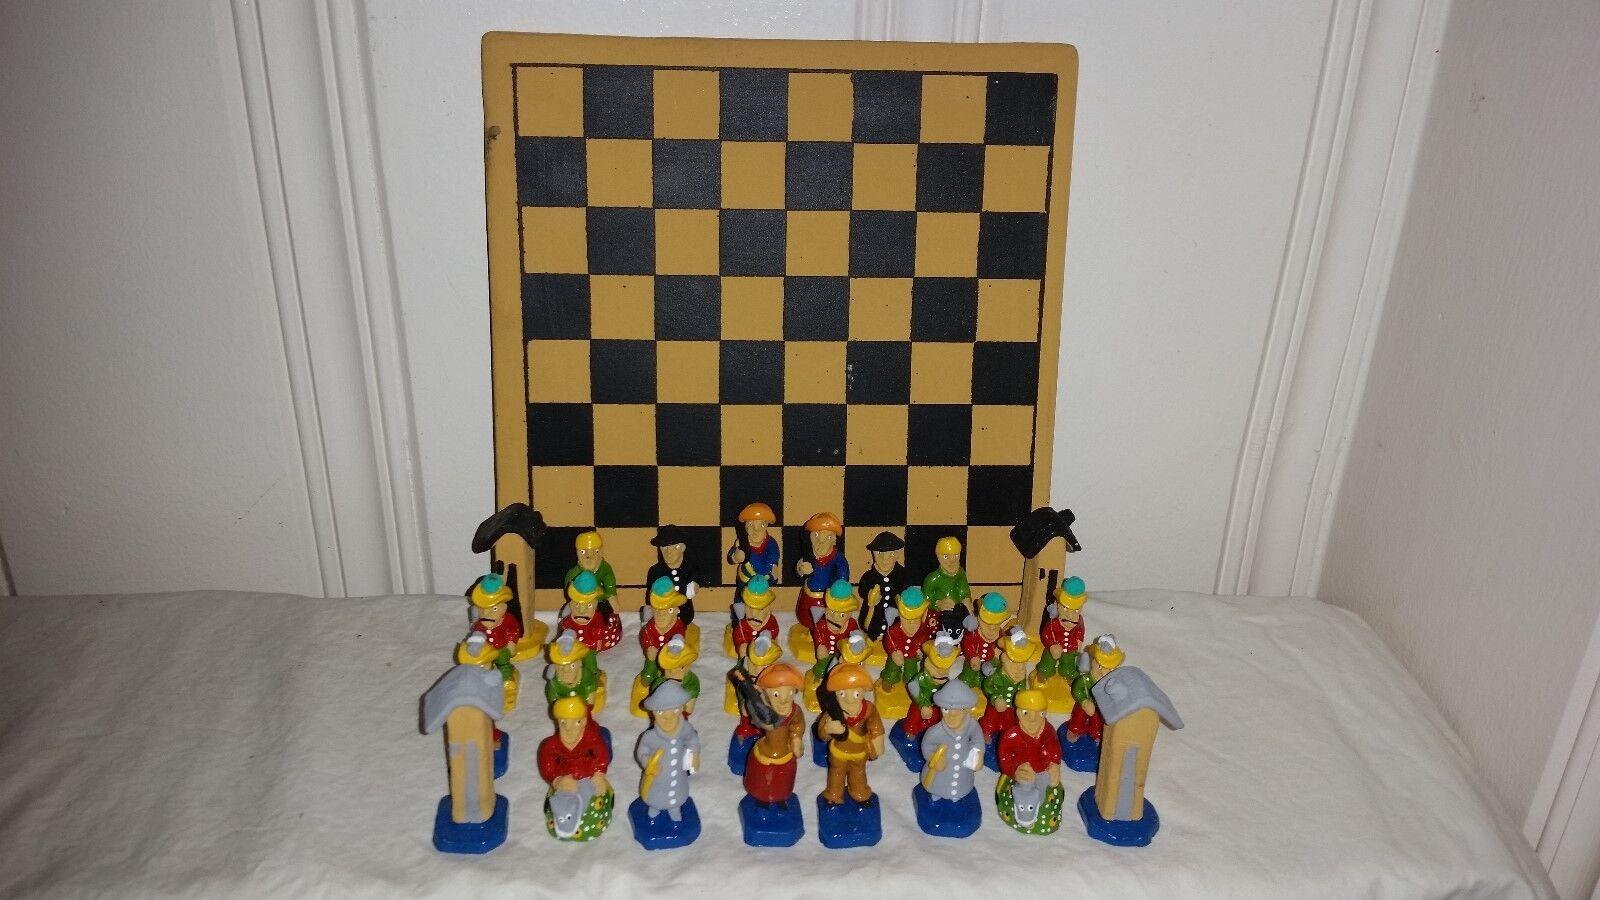 Von hand bemalt und lateinamerika (mexiko).keramik - spiel schachfiguren